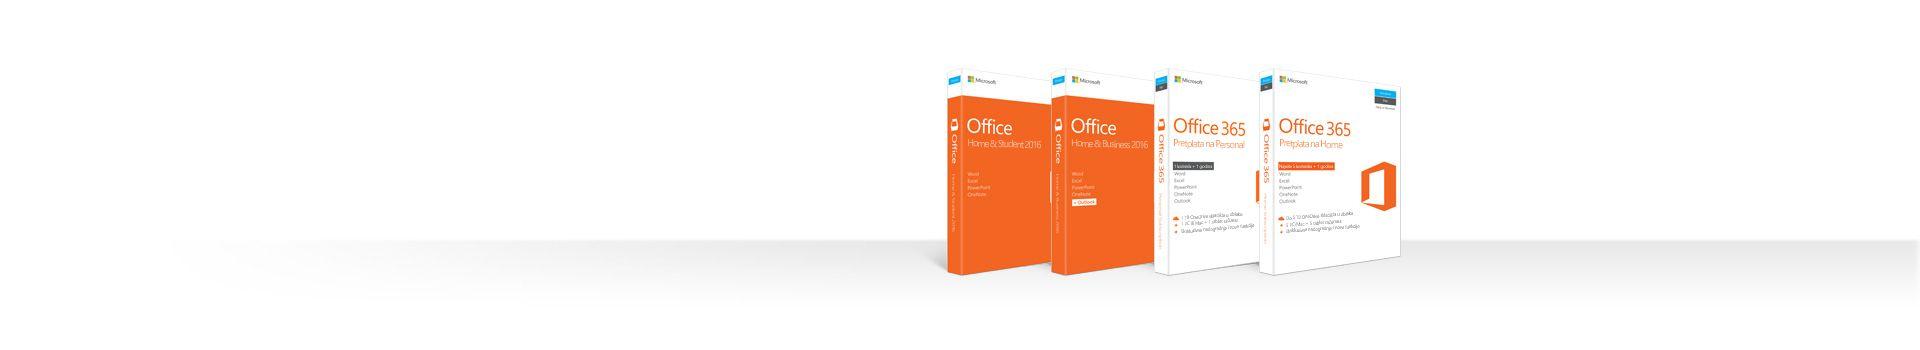 Red polja koja predstavljaju pretplatu na Office i samostalne proizvode za Mac računar